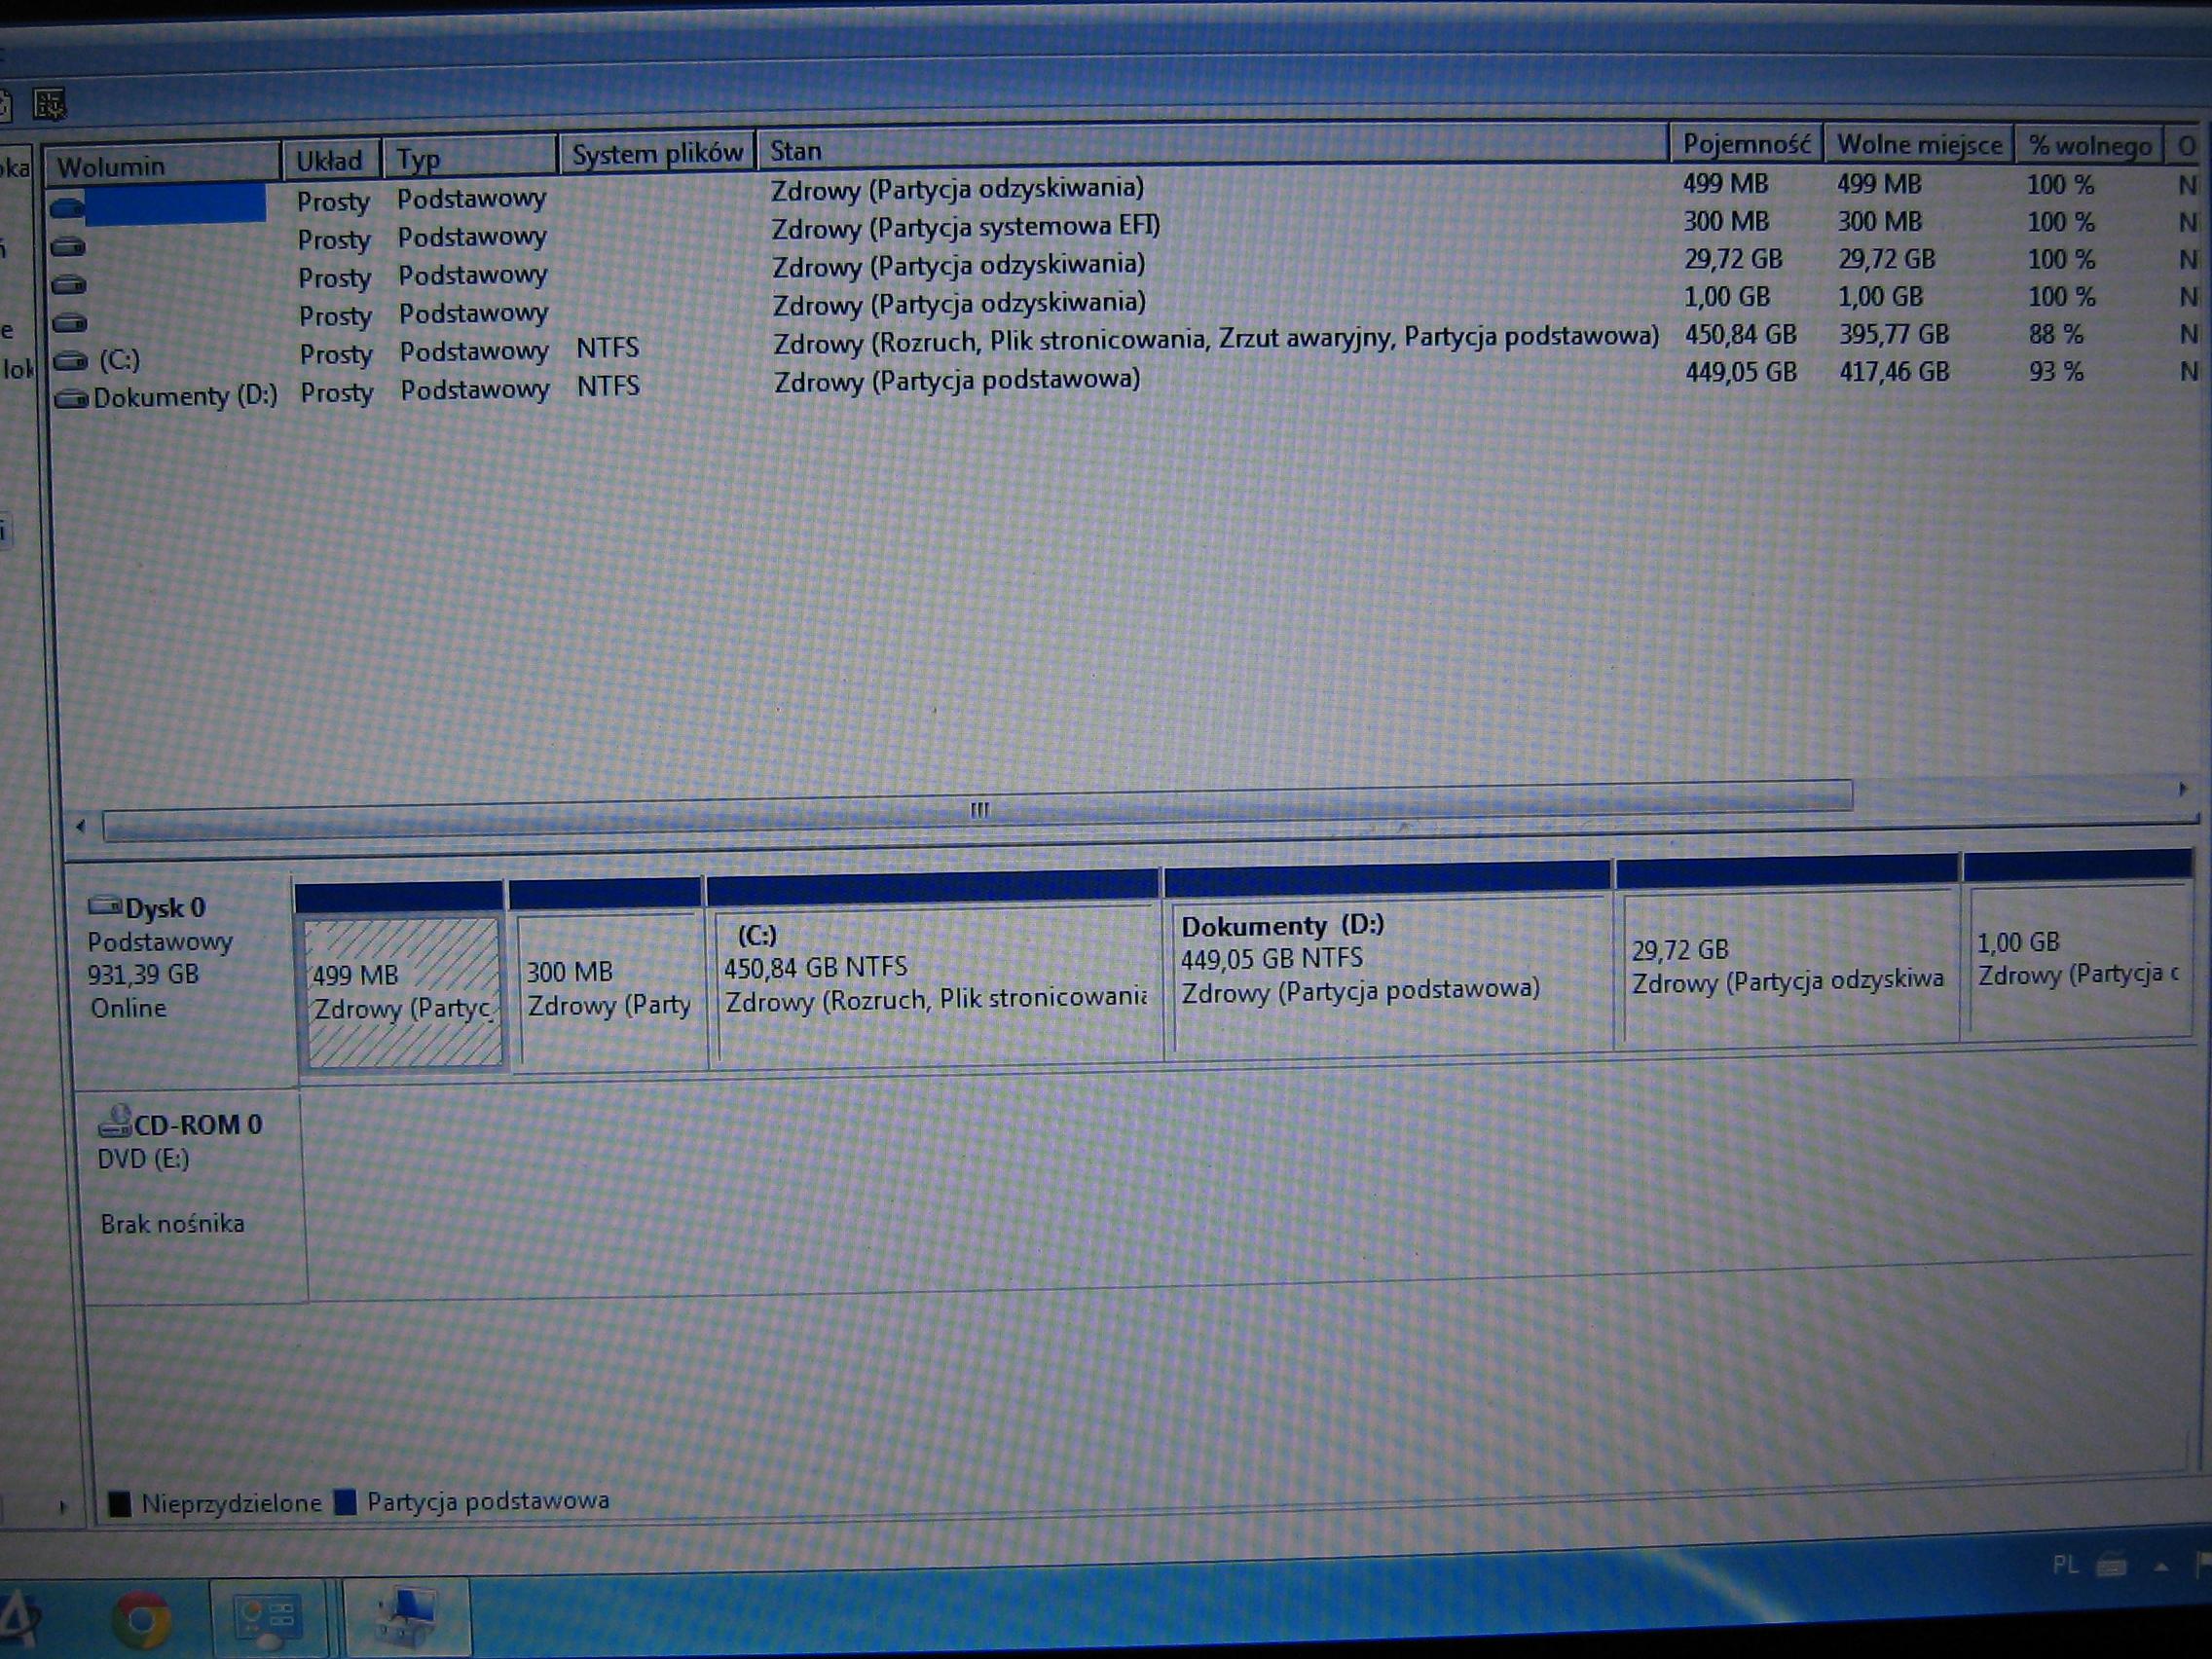 Samsung NP350V5C, Windows 8 x64 - tablica partycji GPT, instalacja Windows 7 x64